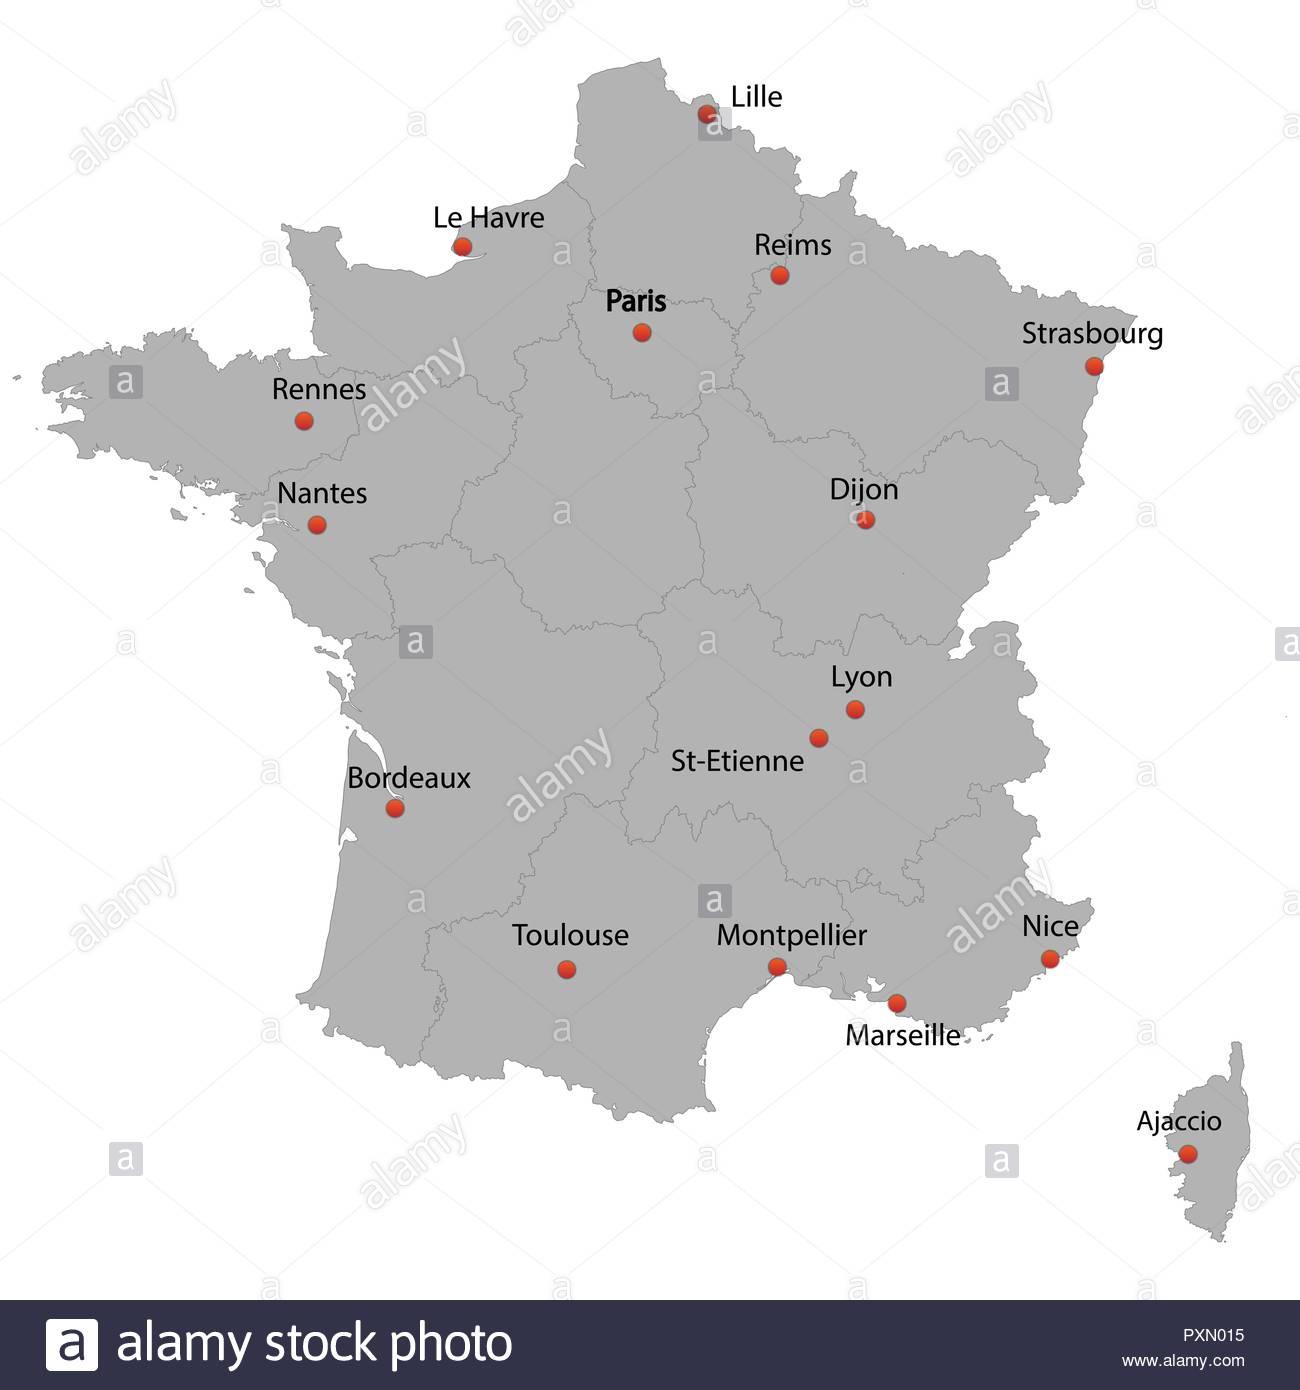 Carte Détaillée De La France Avec Les Villes Vecteurs Et intérieur Carte De France Détaillée Avec Les Villes